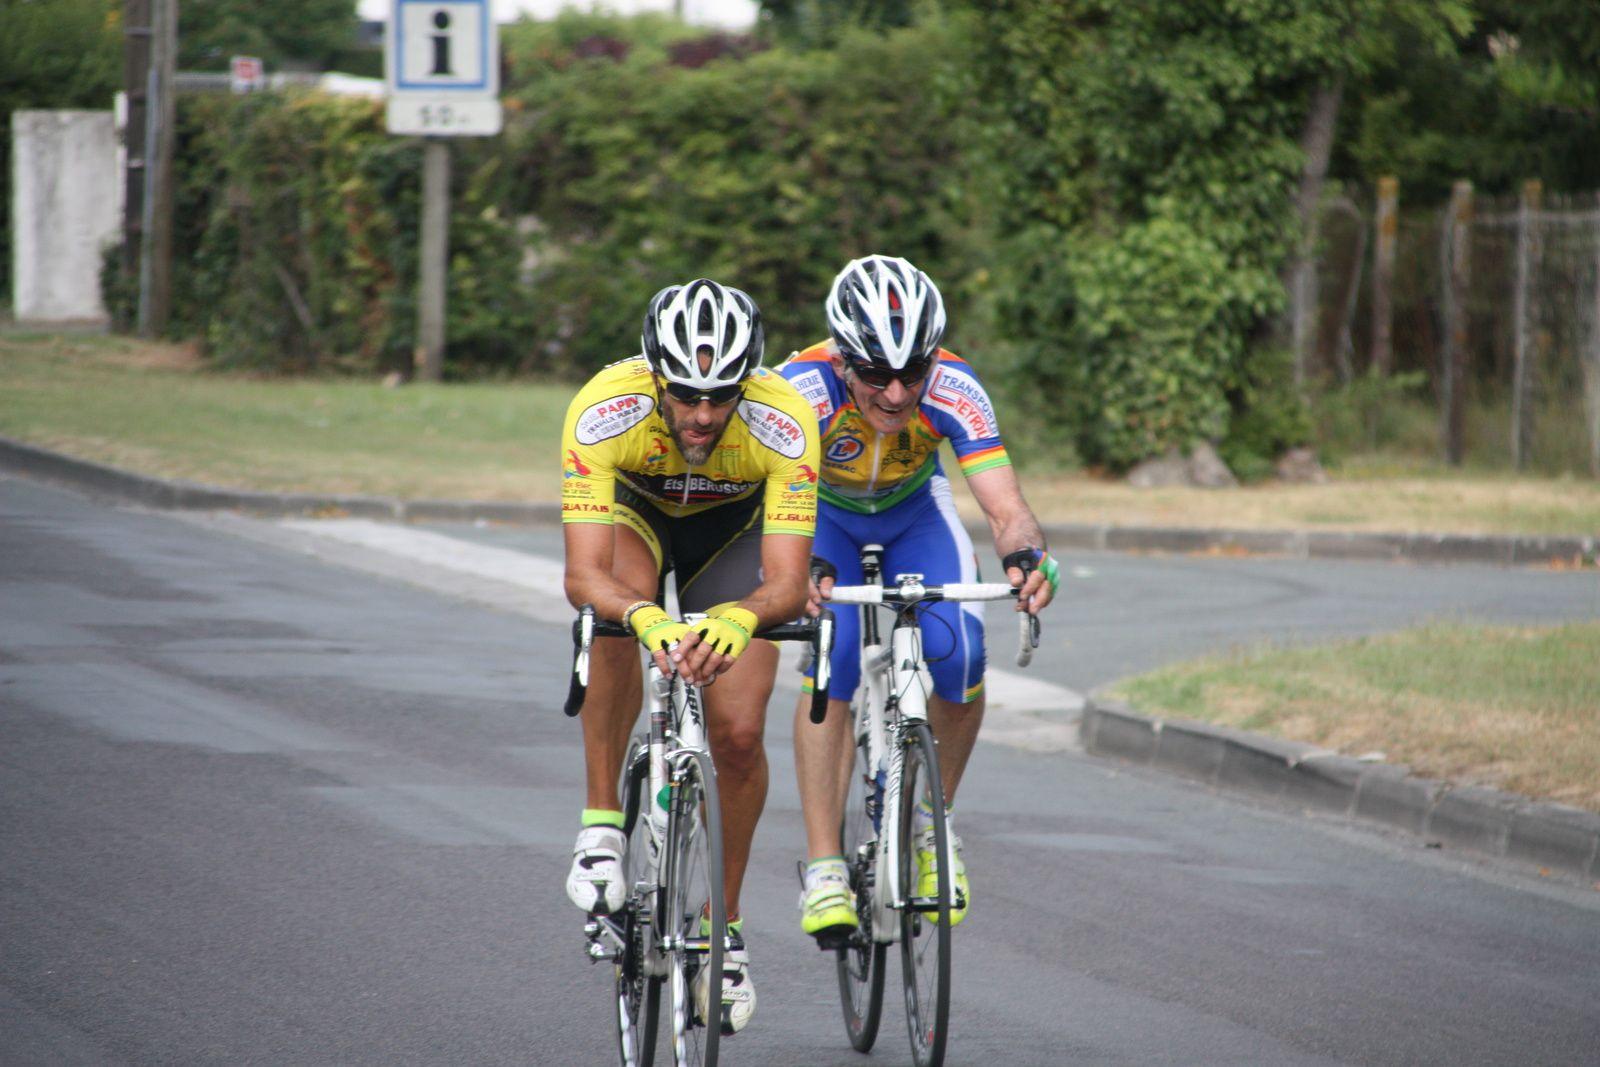 2  autres  coureurs  ont  maintenant  pris  le  relais  avec  encore  un  coureur  du  VC Le Gua  Rodolphe  VILOTTE